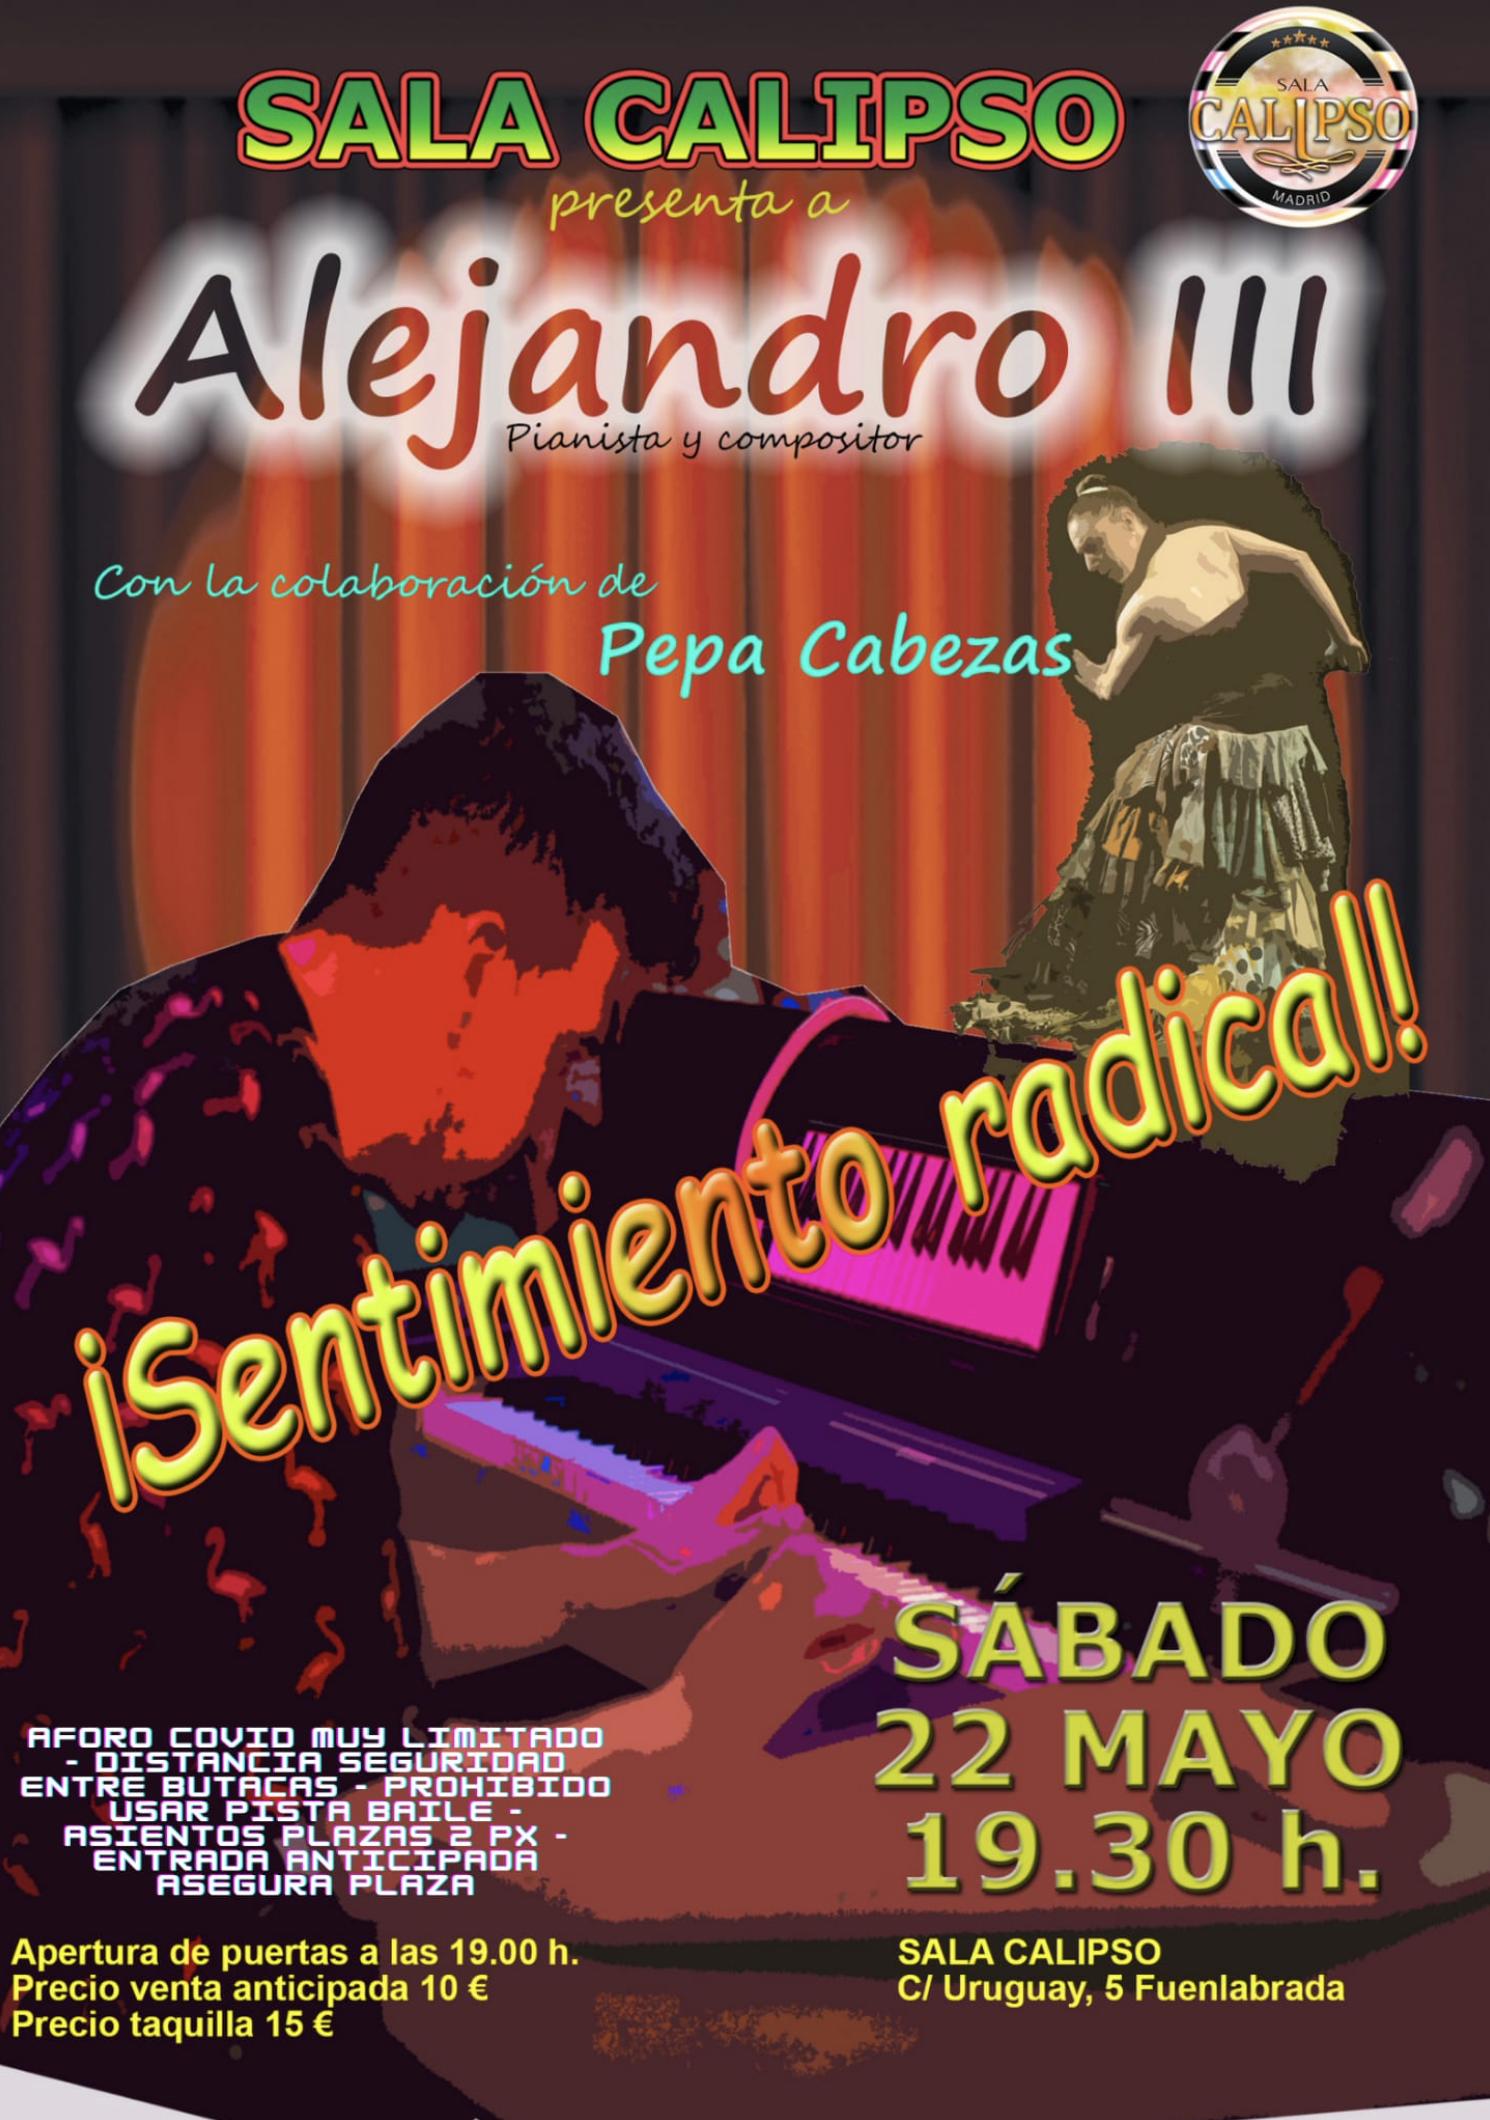 Concierto ALEJANDRO III - Sabado 22 Mayo 2021